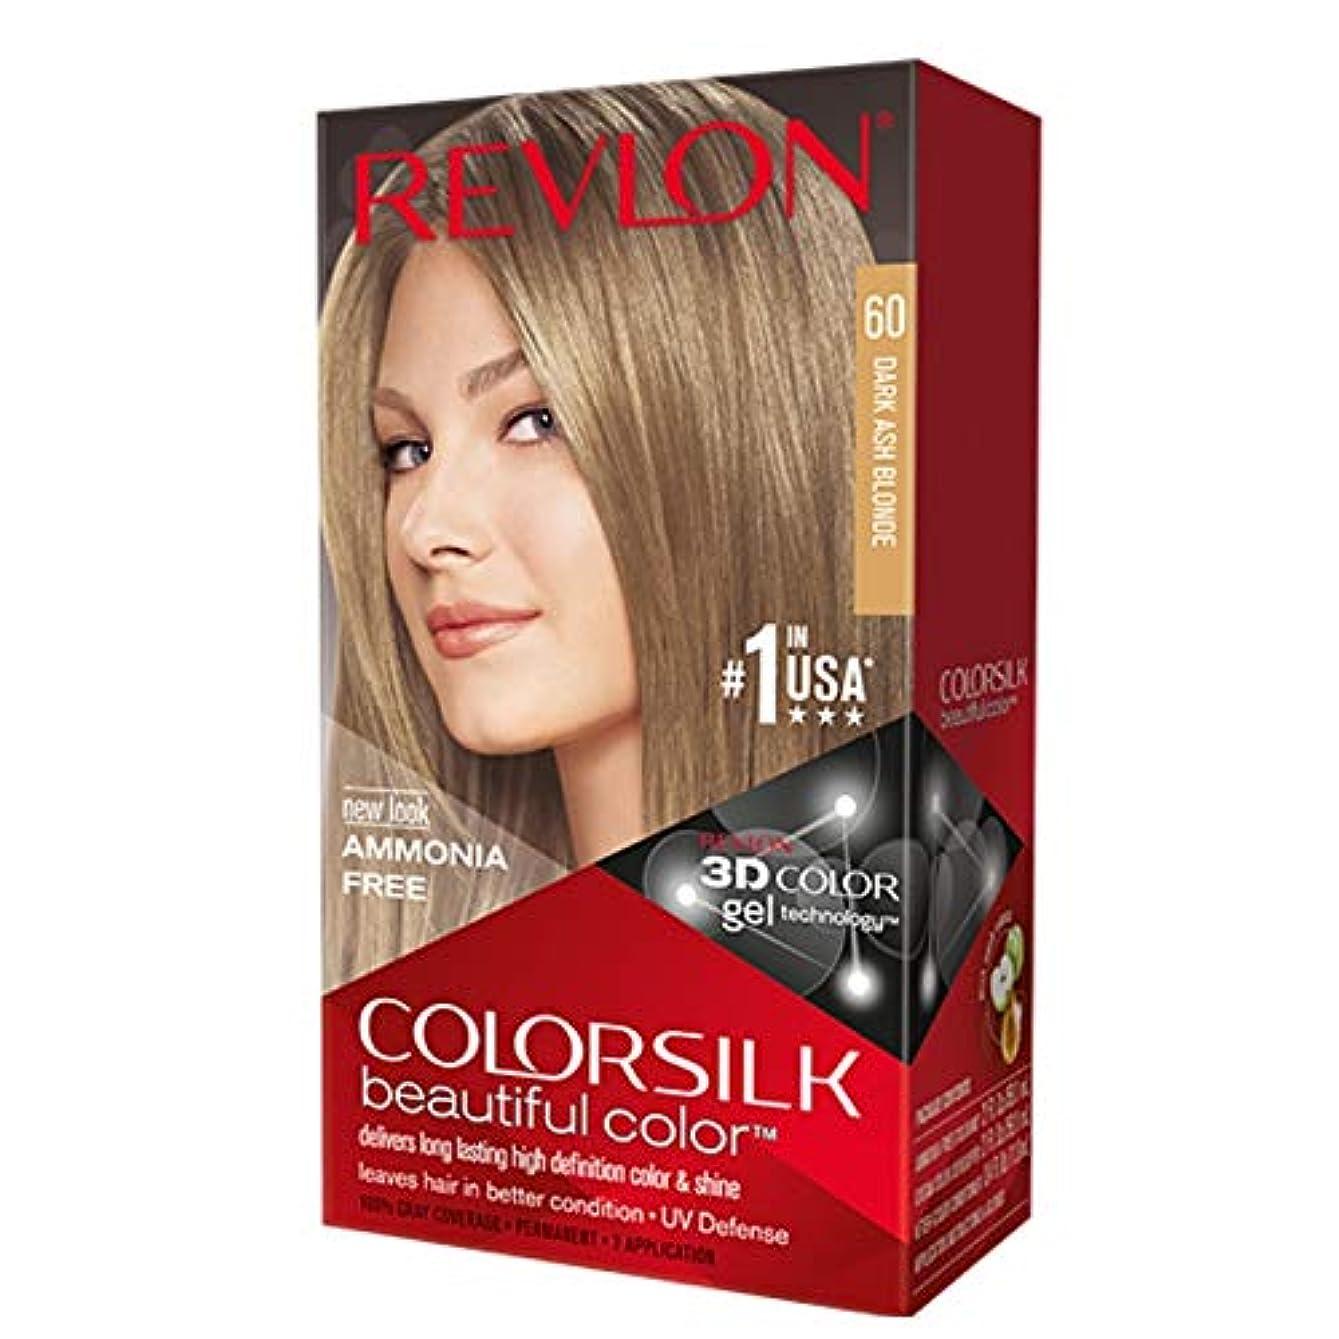 嫌い神の平衡海外直送肘 Revlon Colorsilk Natural Hair Color 6A Dark Ash Blonde, 6A Dark Ash Blonde each